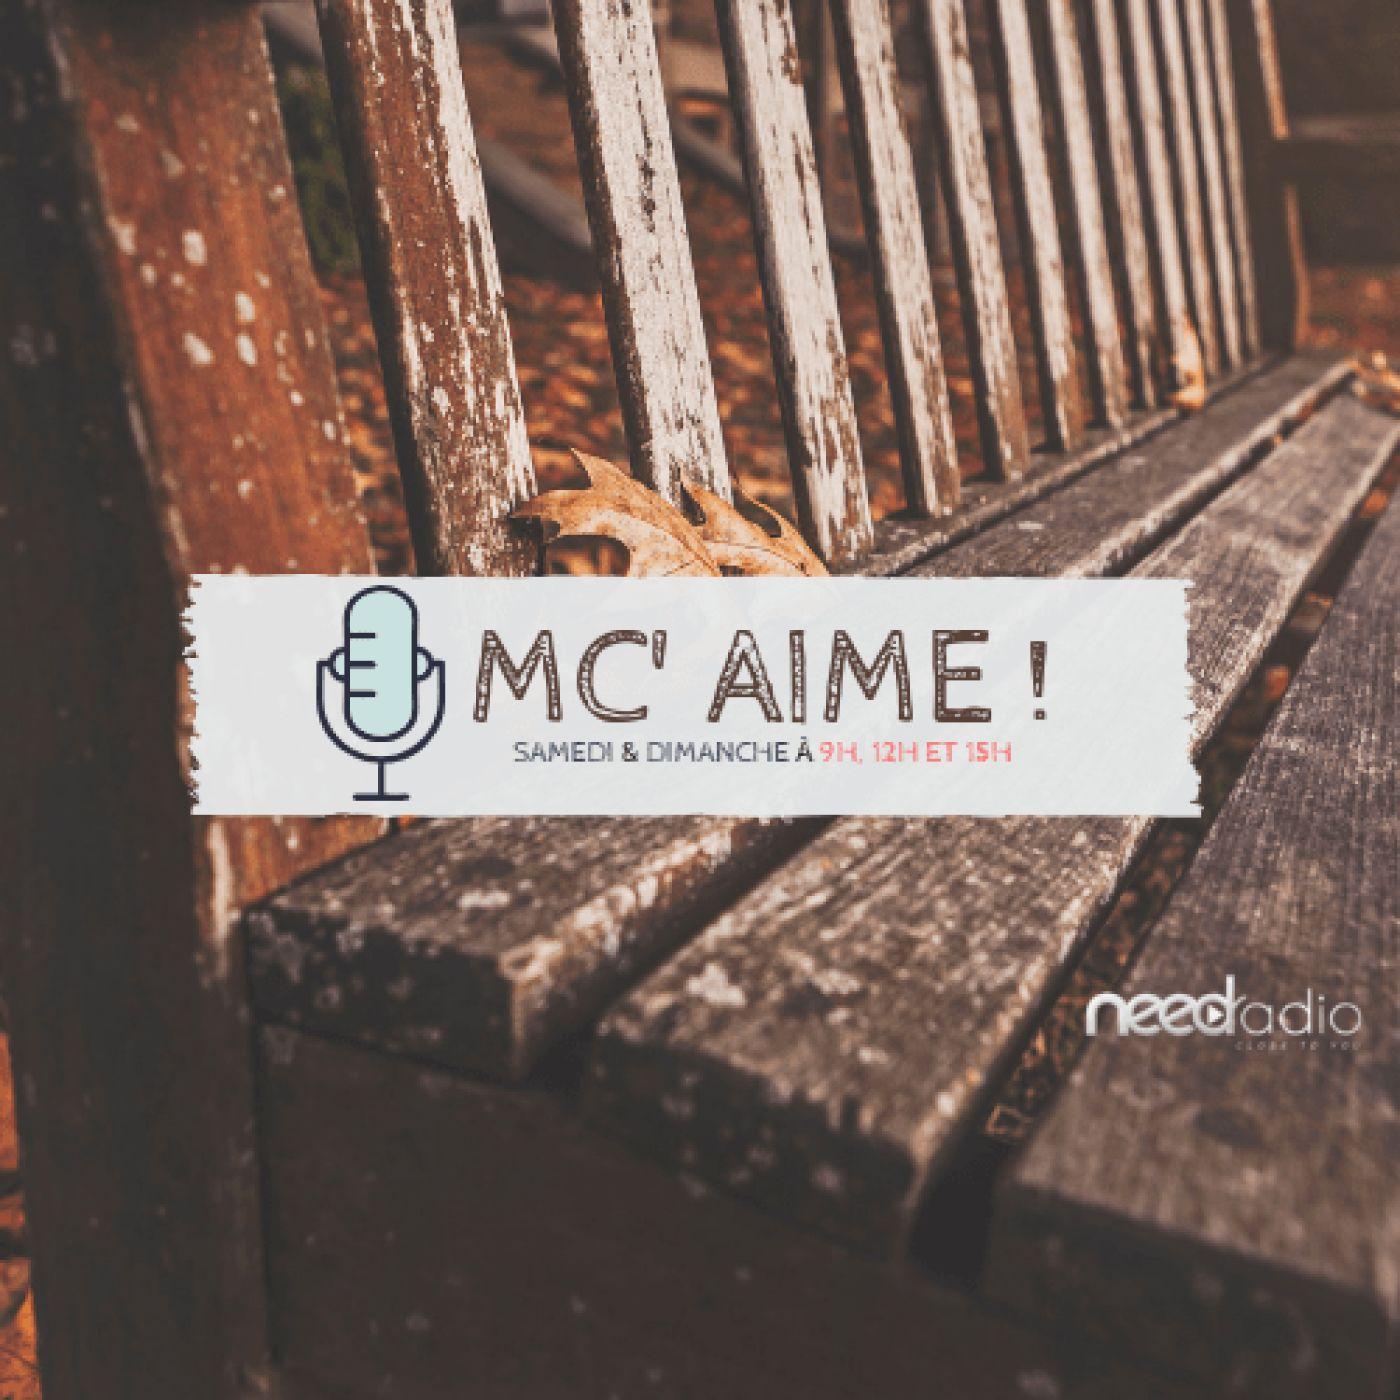 MC' Aime - Les gratitudes de Delphine de Vigan (16/03/19)